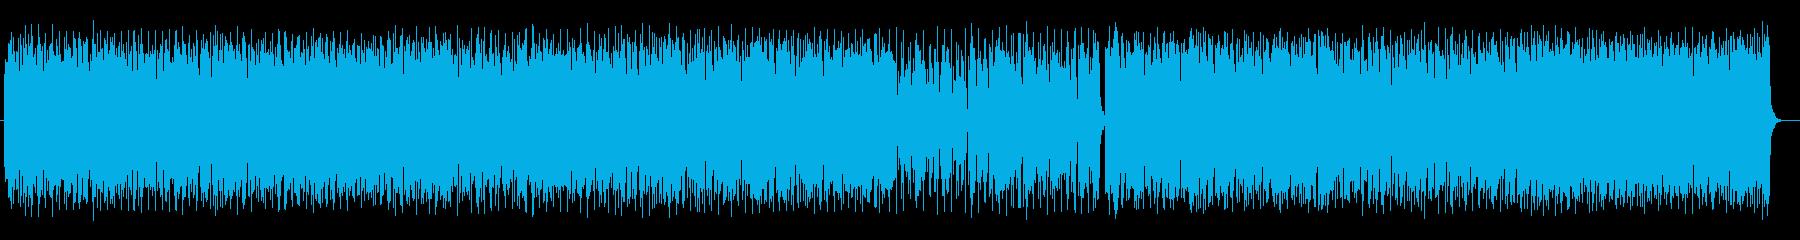 疾走感とワクワク感シンセサイザーサウンドの再生済みの波形